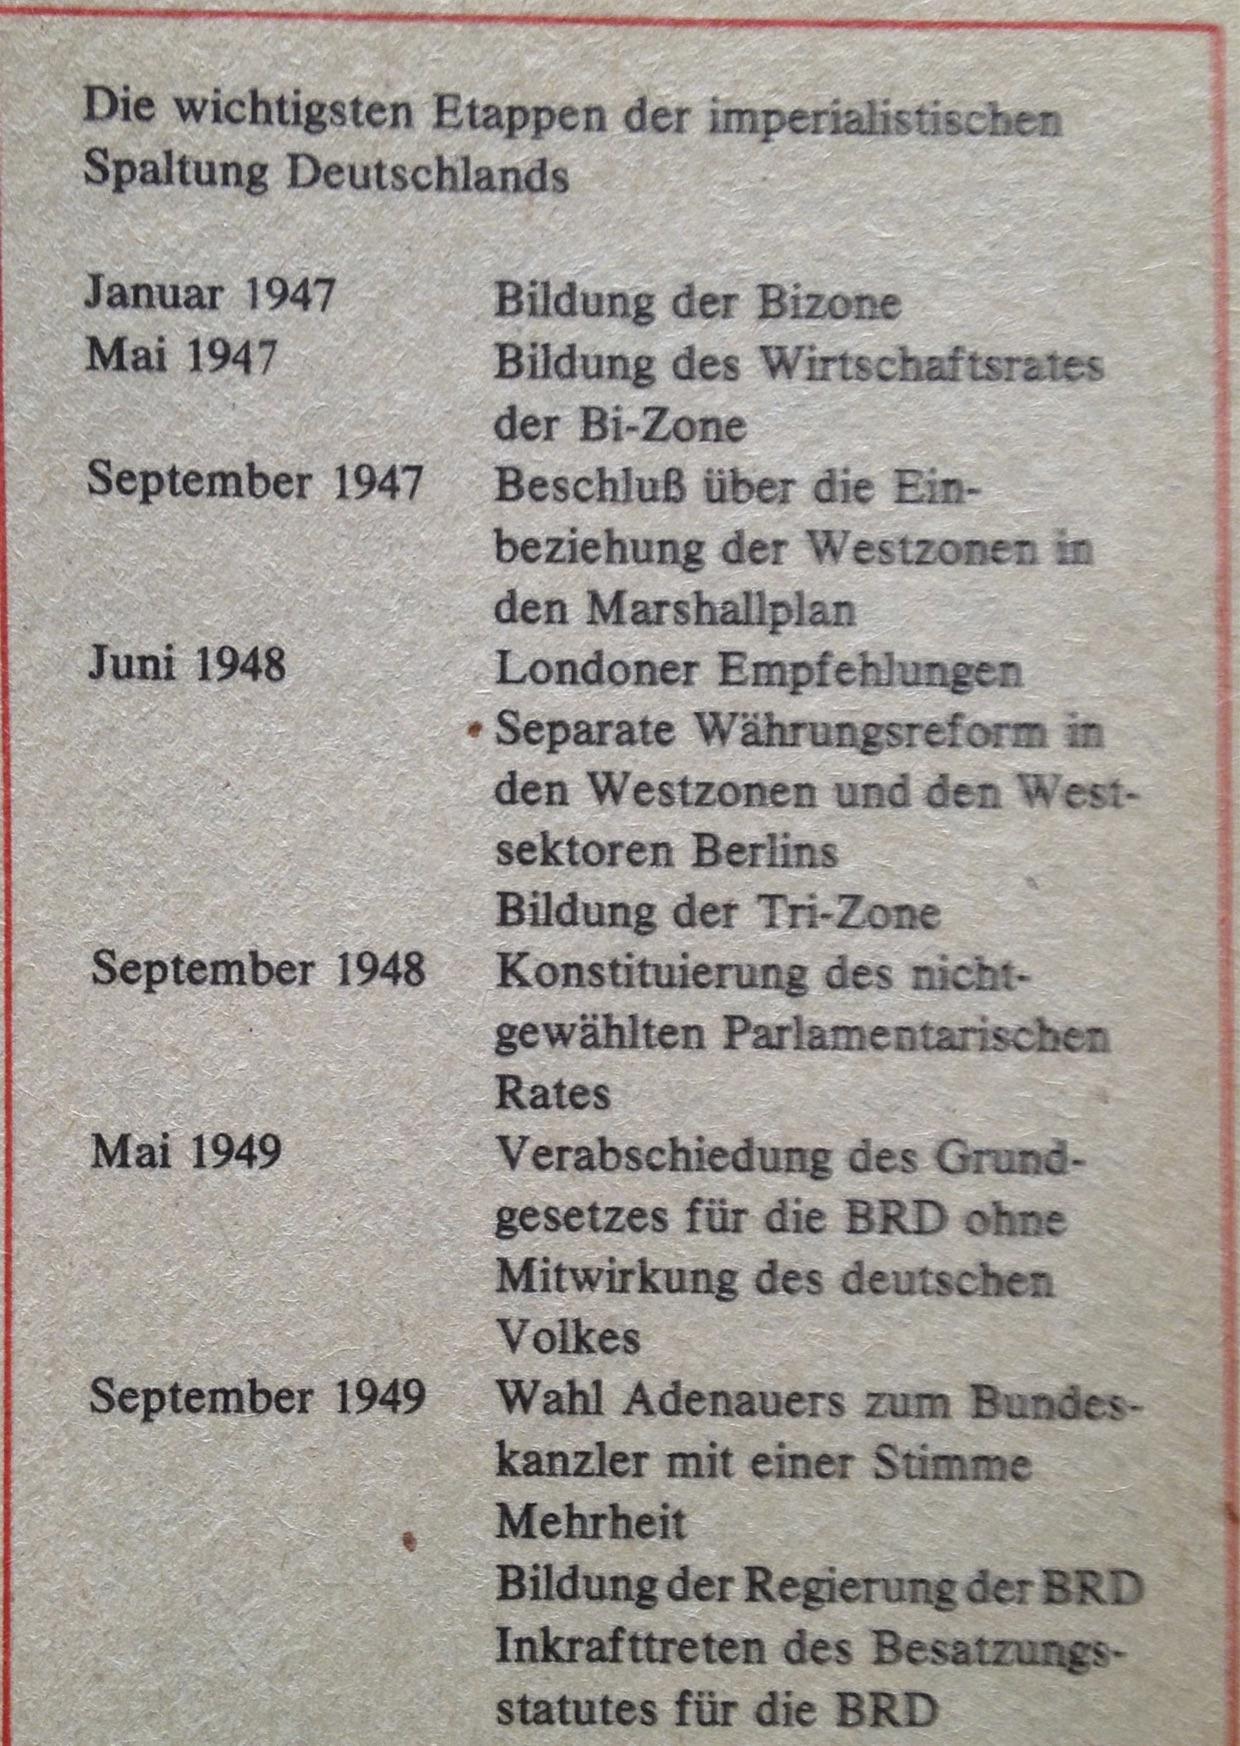 aufzahlung-spaltung-deutschlands